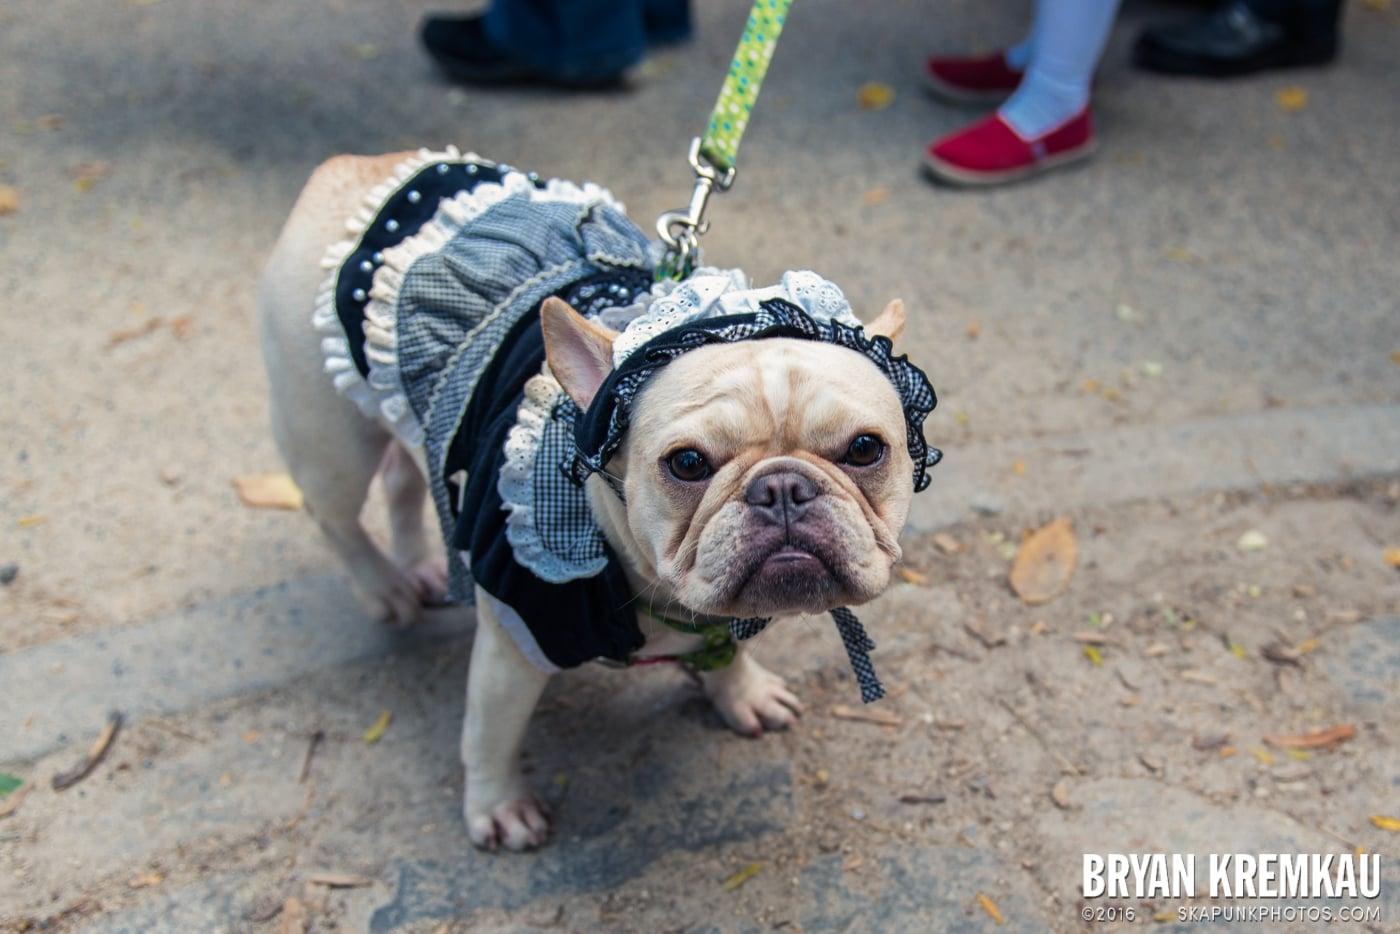 Tompkins Square Halloween Dog Parade 2013 @ Tompkins Square Park, NYC - 10.26.13 (36)